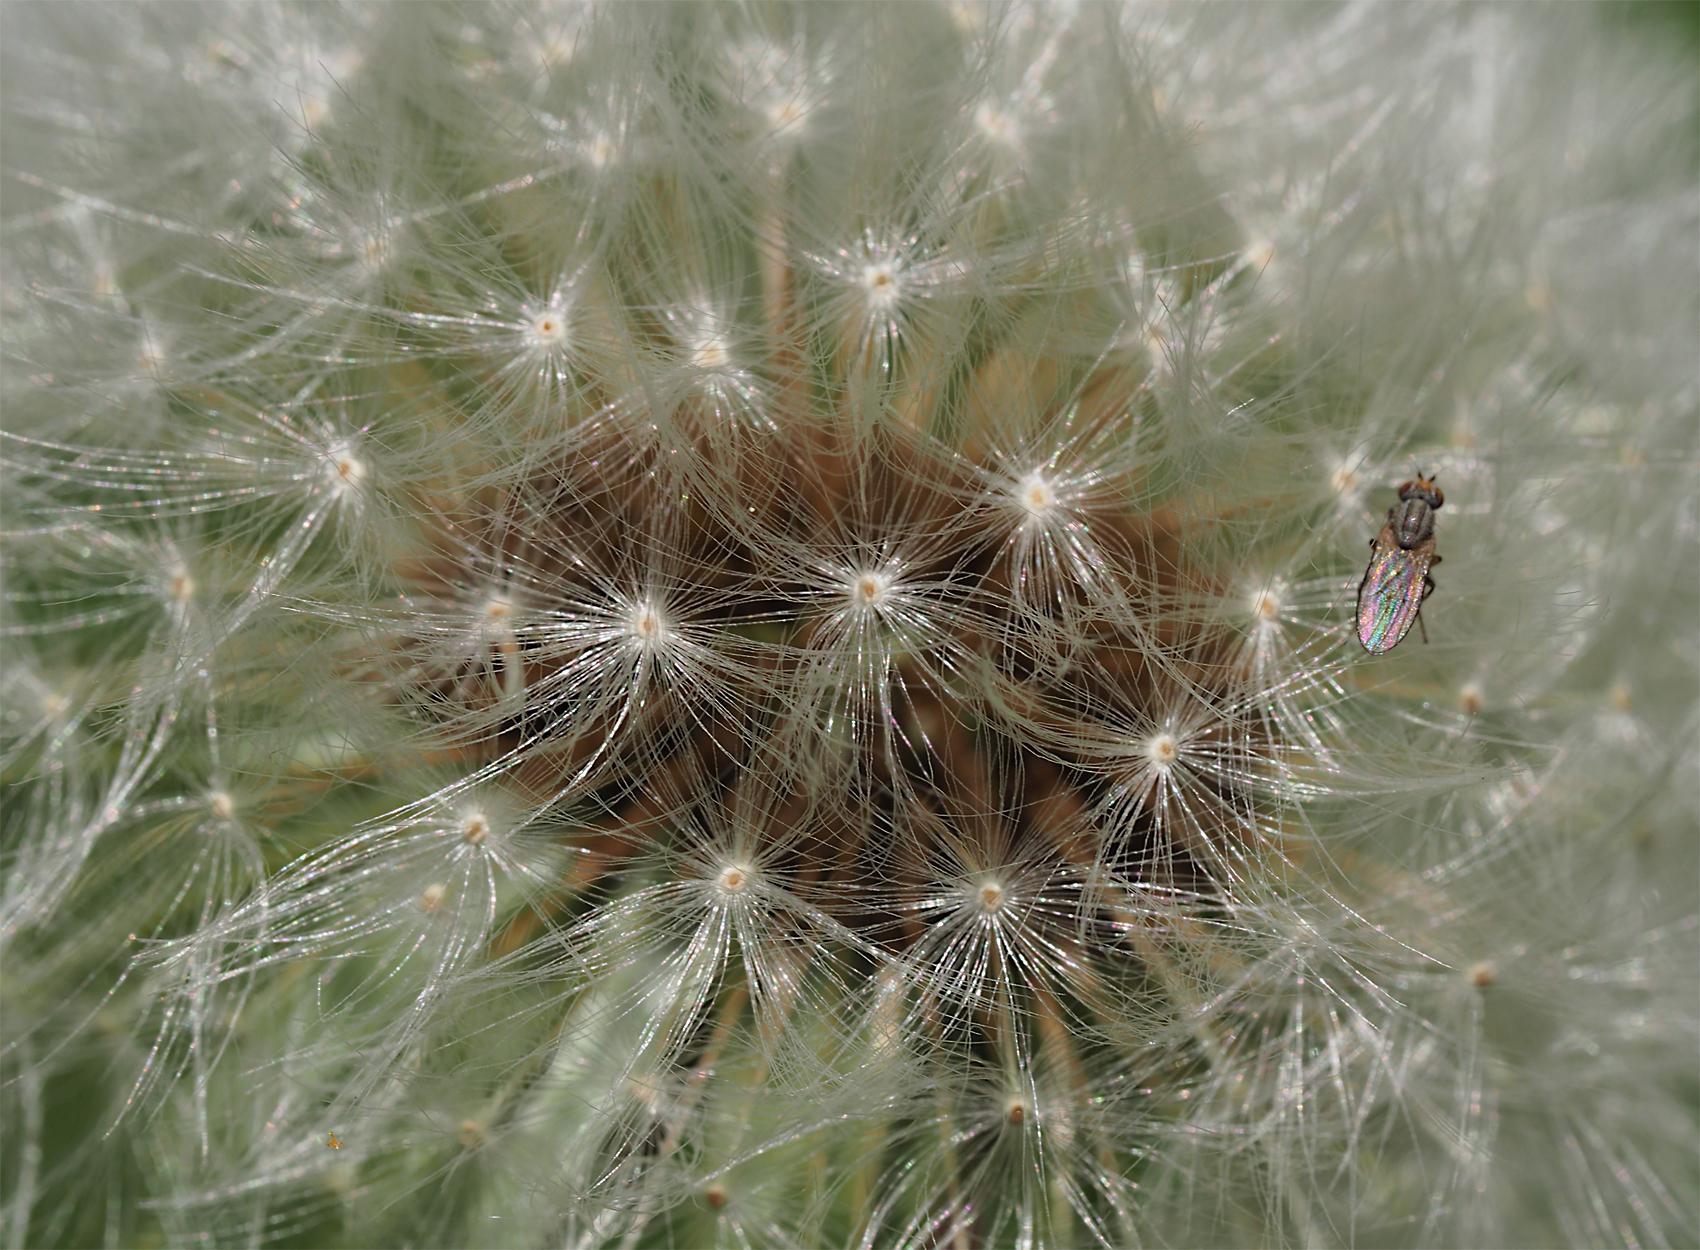 Gewoehnlicher Loewenzahn01 (Taraxacum sect. Ruderalia)